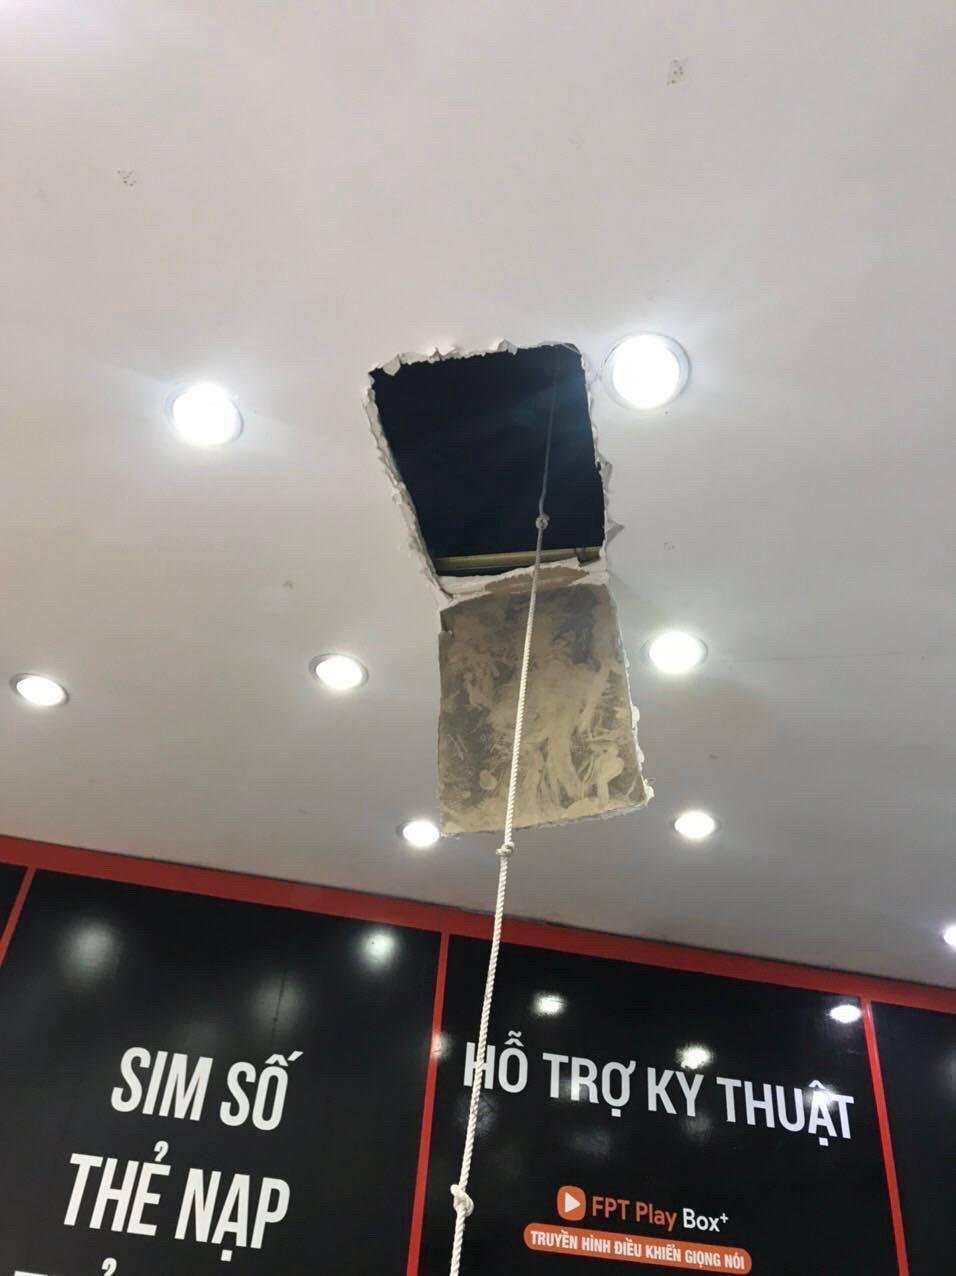 Bắt giữ 'siêu trộm': 1 mình đục tường, đu dây lấy trộm 120 triệu của cửa hàng FPT shop - Ảnh 2